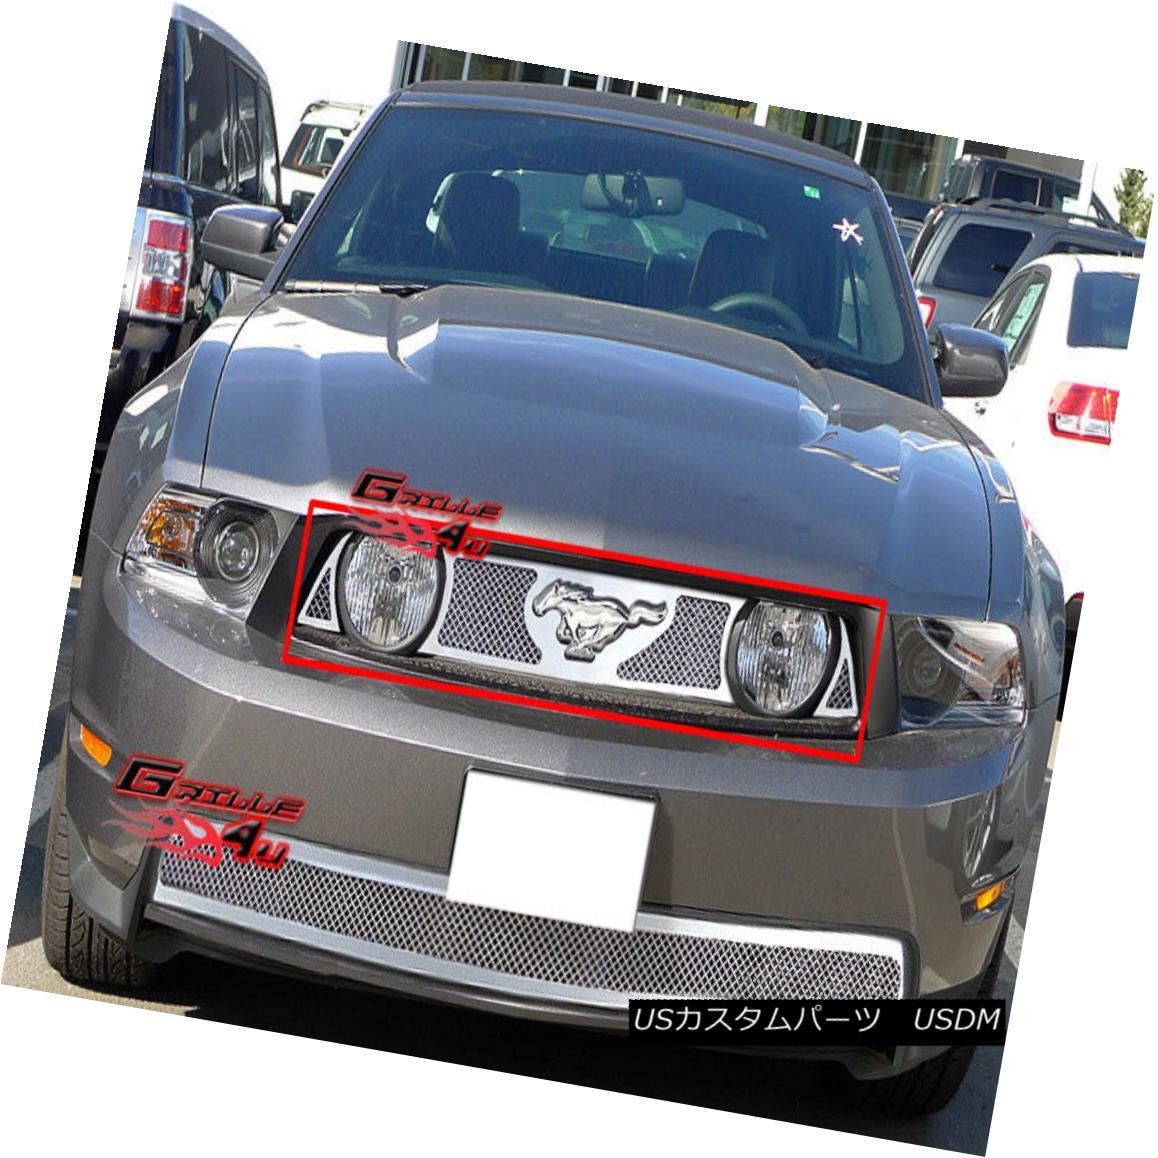 グリル Fits 2010-2012 Ford Mustang GT V8 Stainless Steel Mesh Grille Grill Insert フィット2010-2012フォードマスタングGT V8ステンレスメッシュグリルグリルインサート